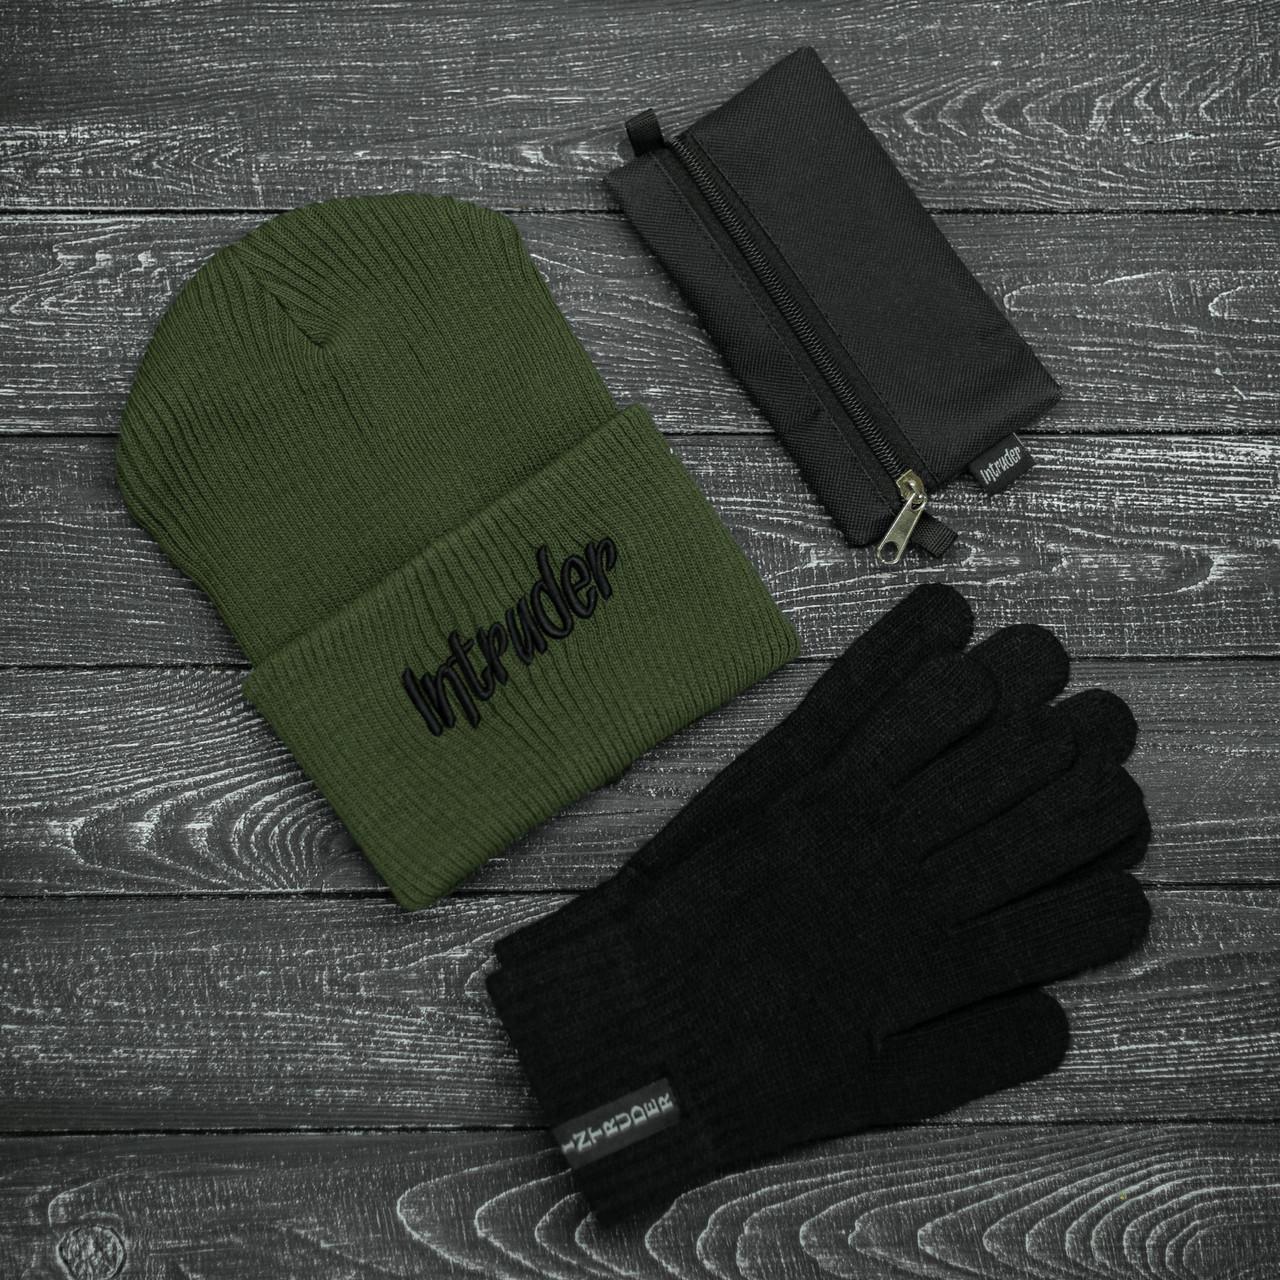 Шапка Мужская/ Женская Intruder зимняя big logo хаки и перчатки черные, зимний комплект